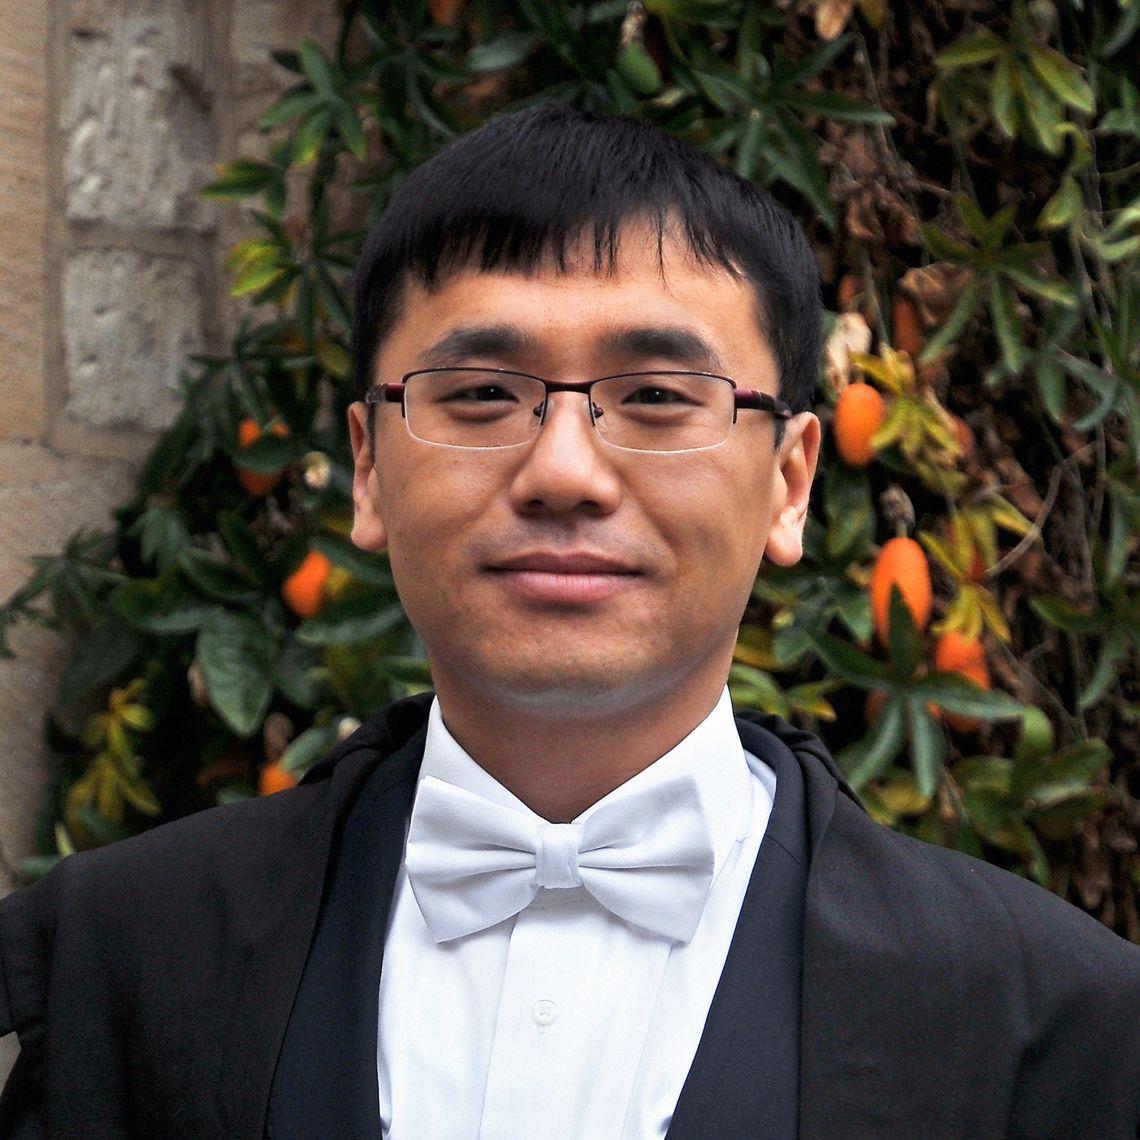 Jinfeng Chen